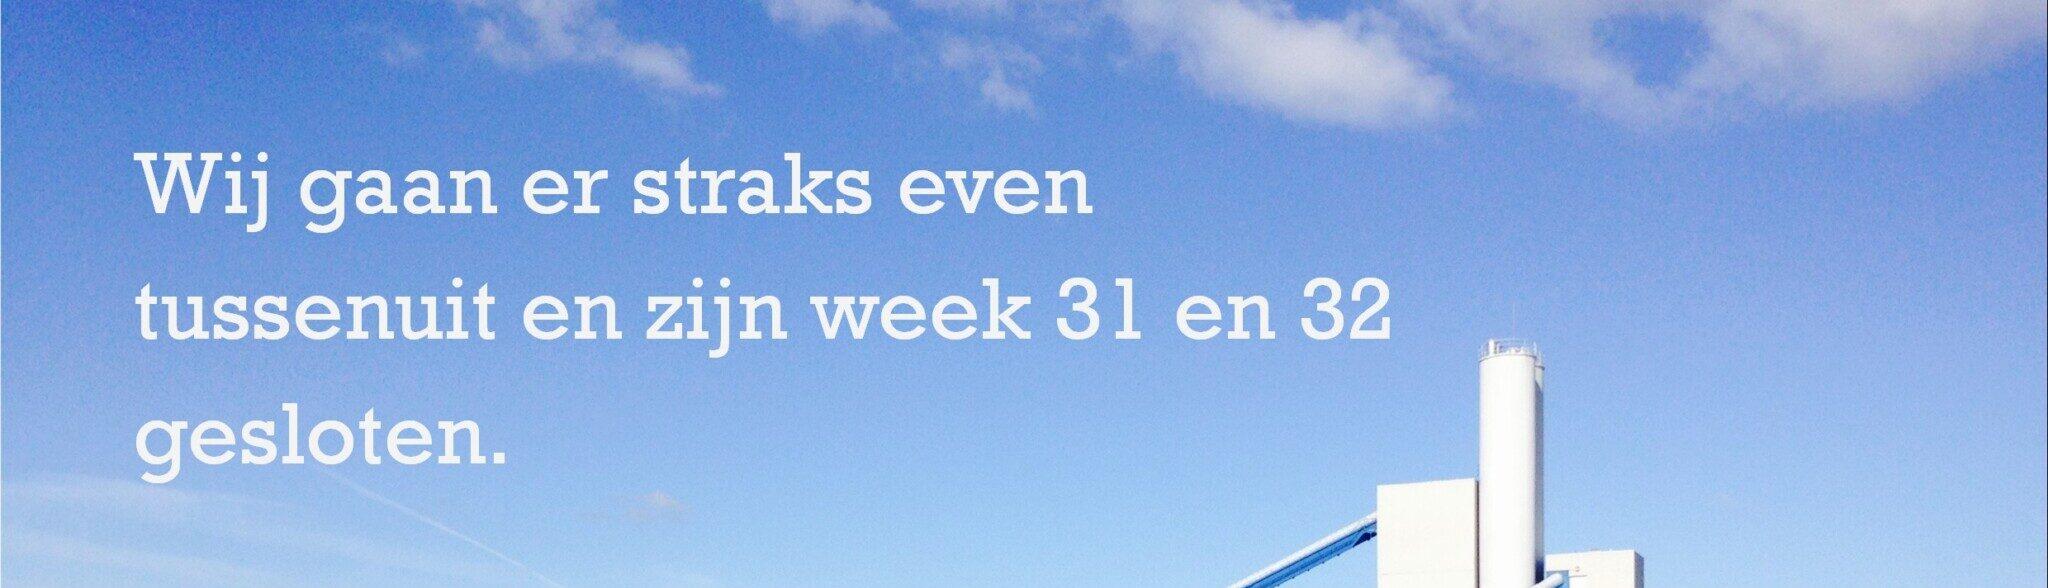 Week 31 en 32 gesloten